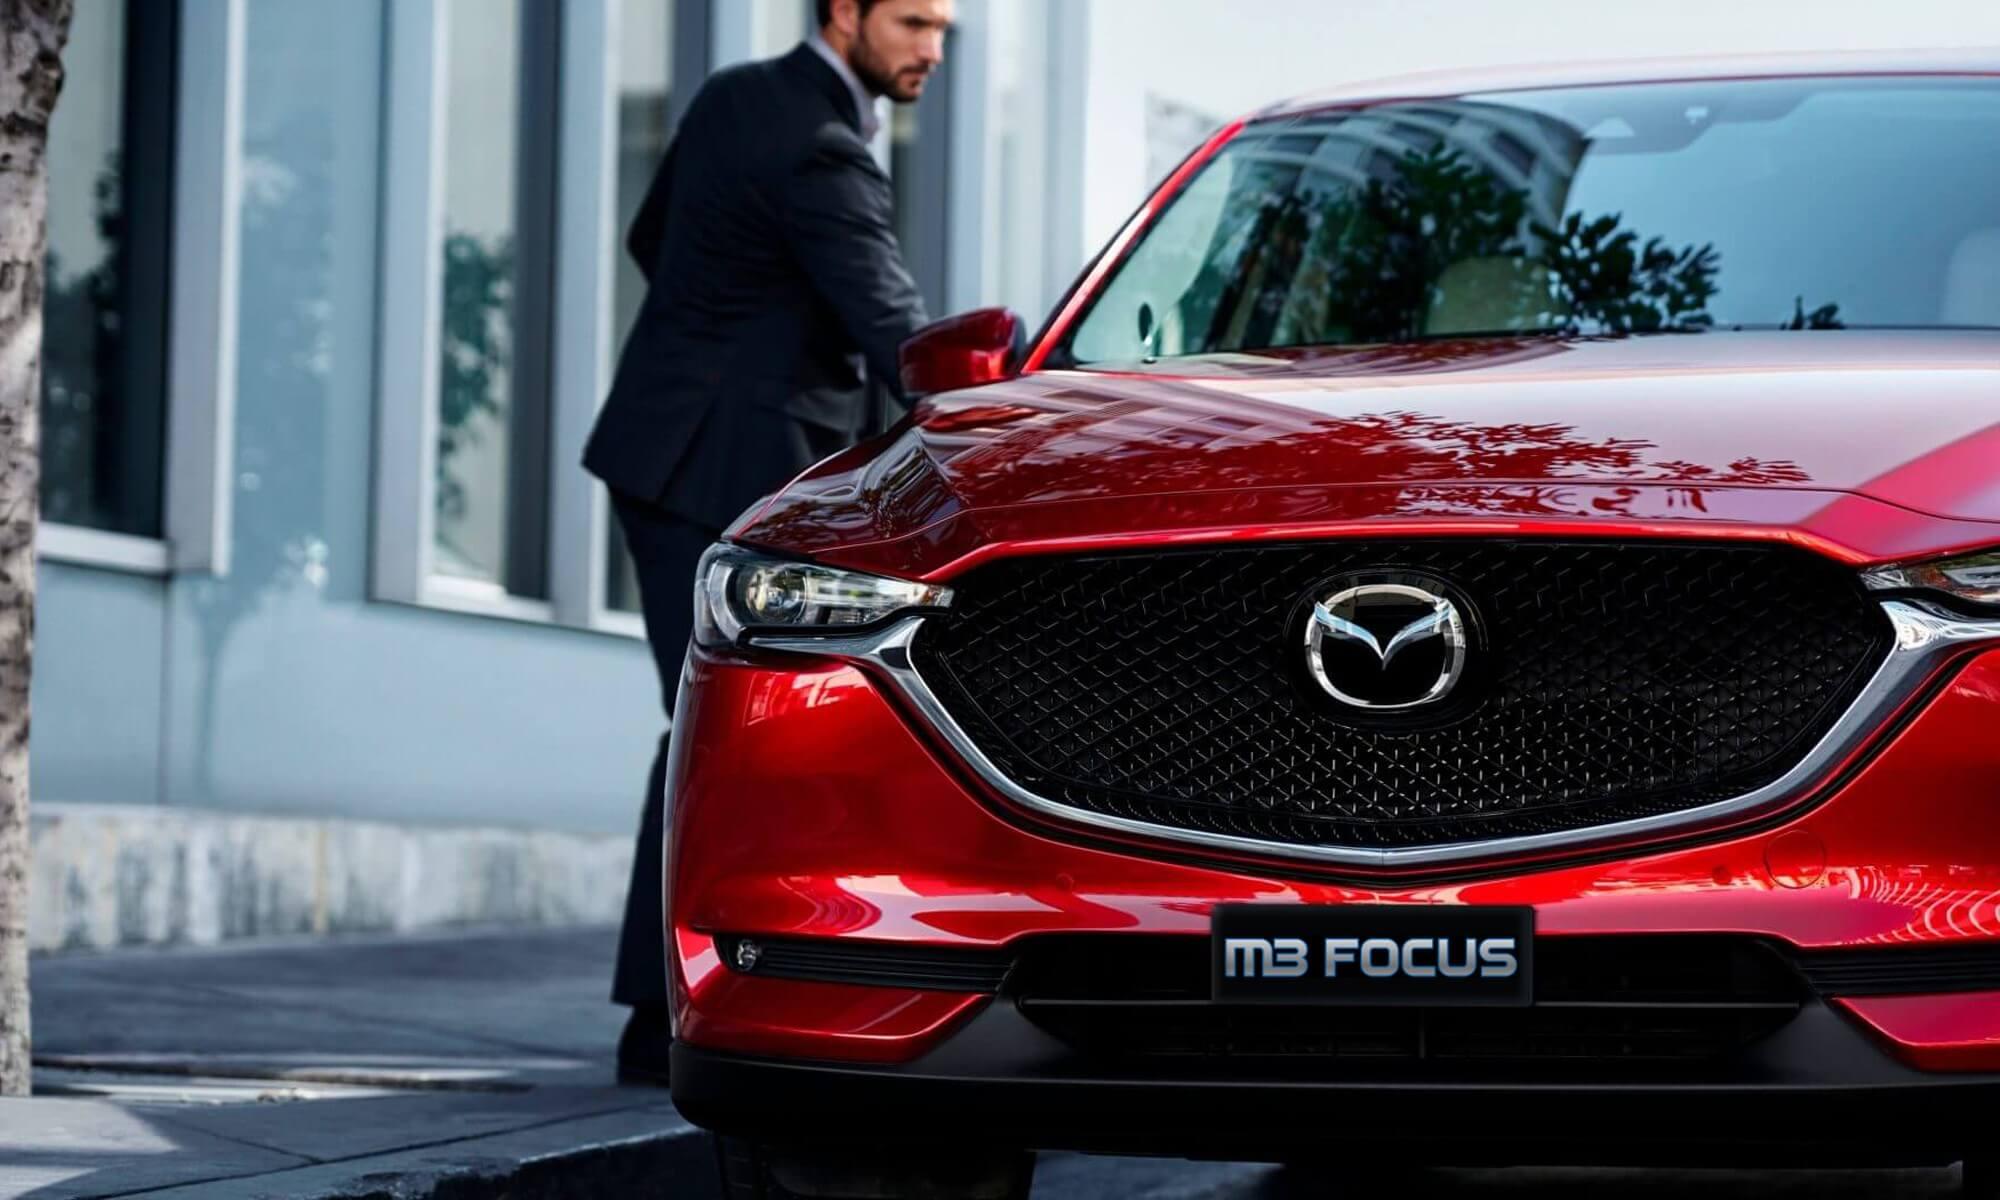 M3 Focus Mazda Autószerviz